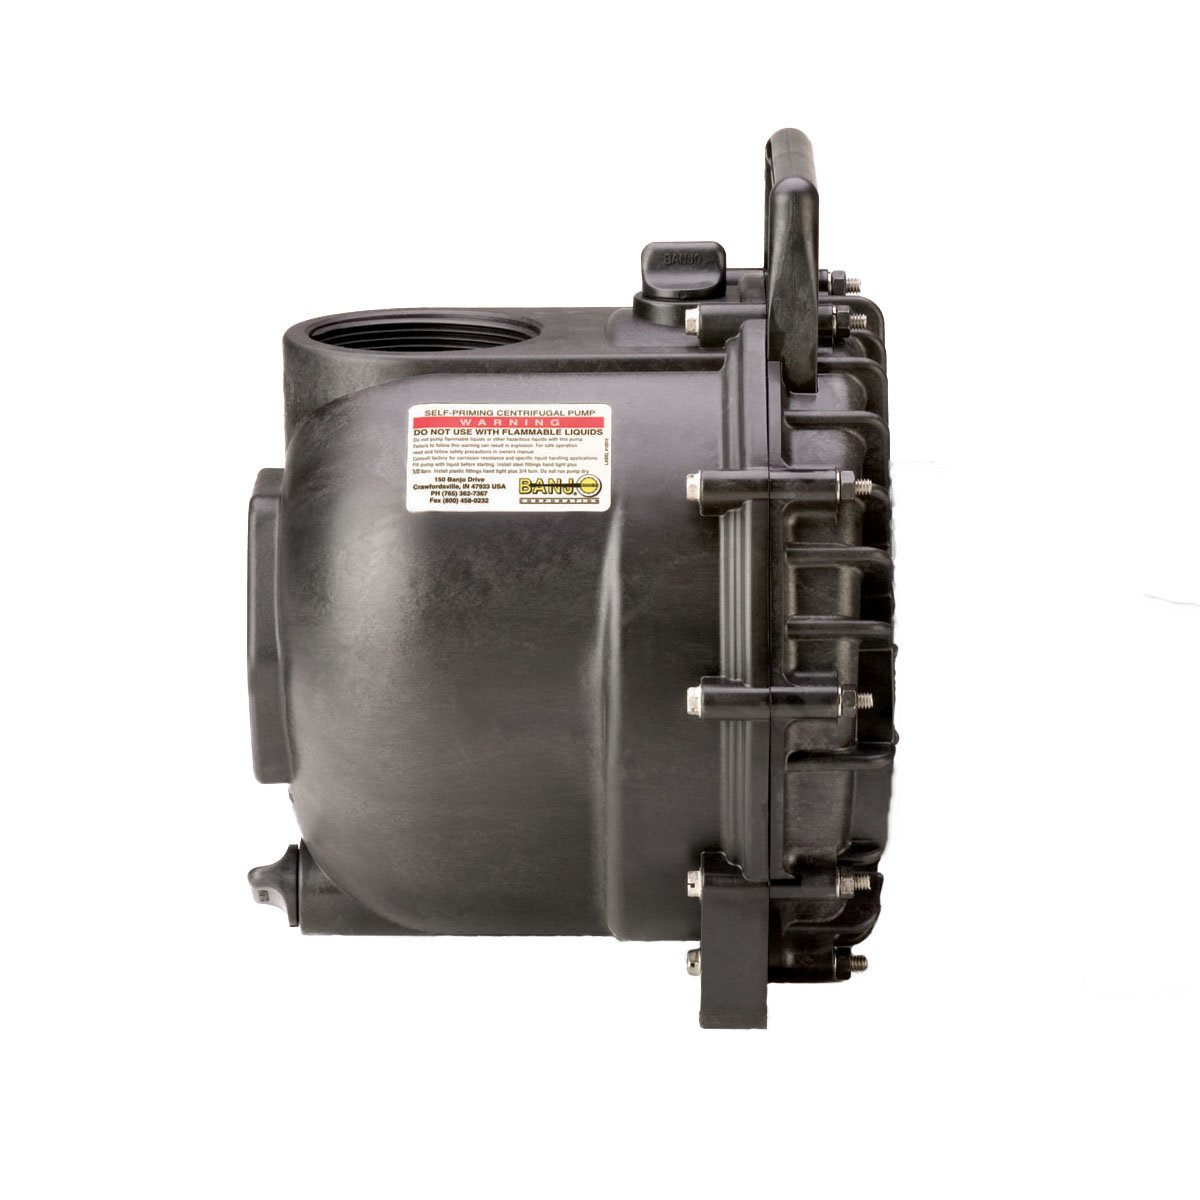 Image result for banjo centrifugal pumps